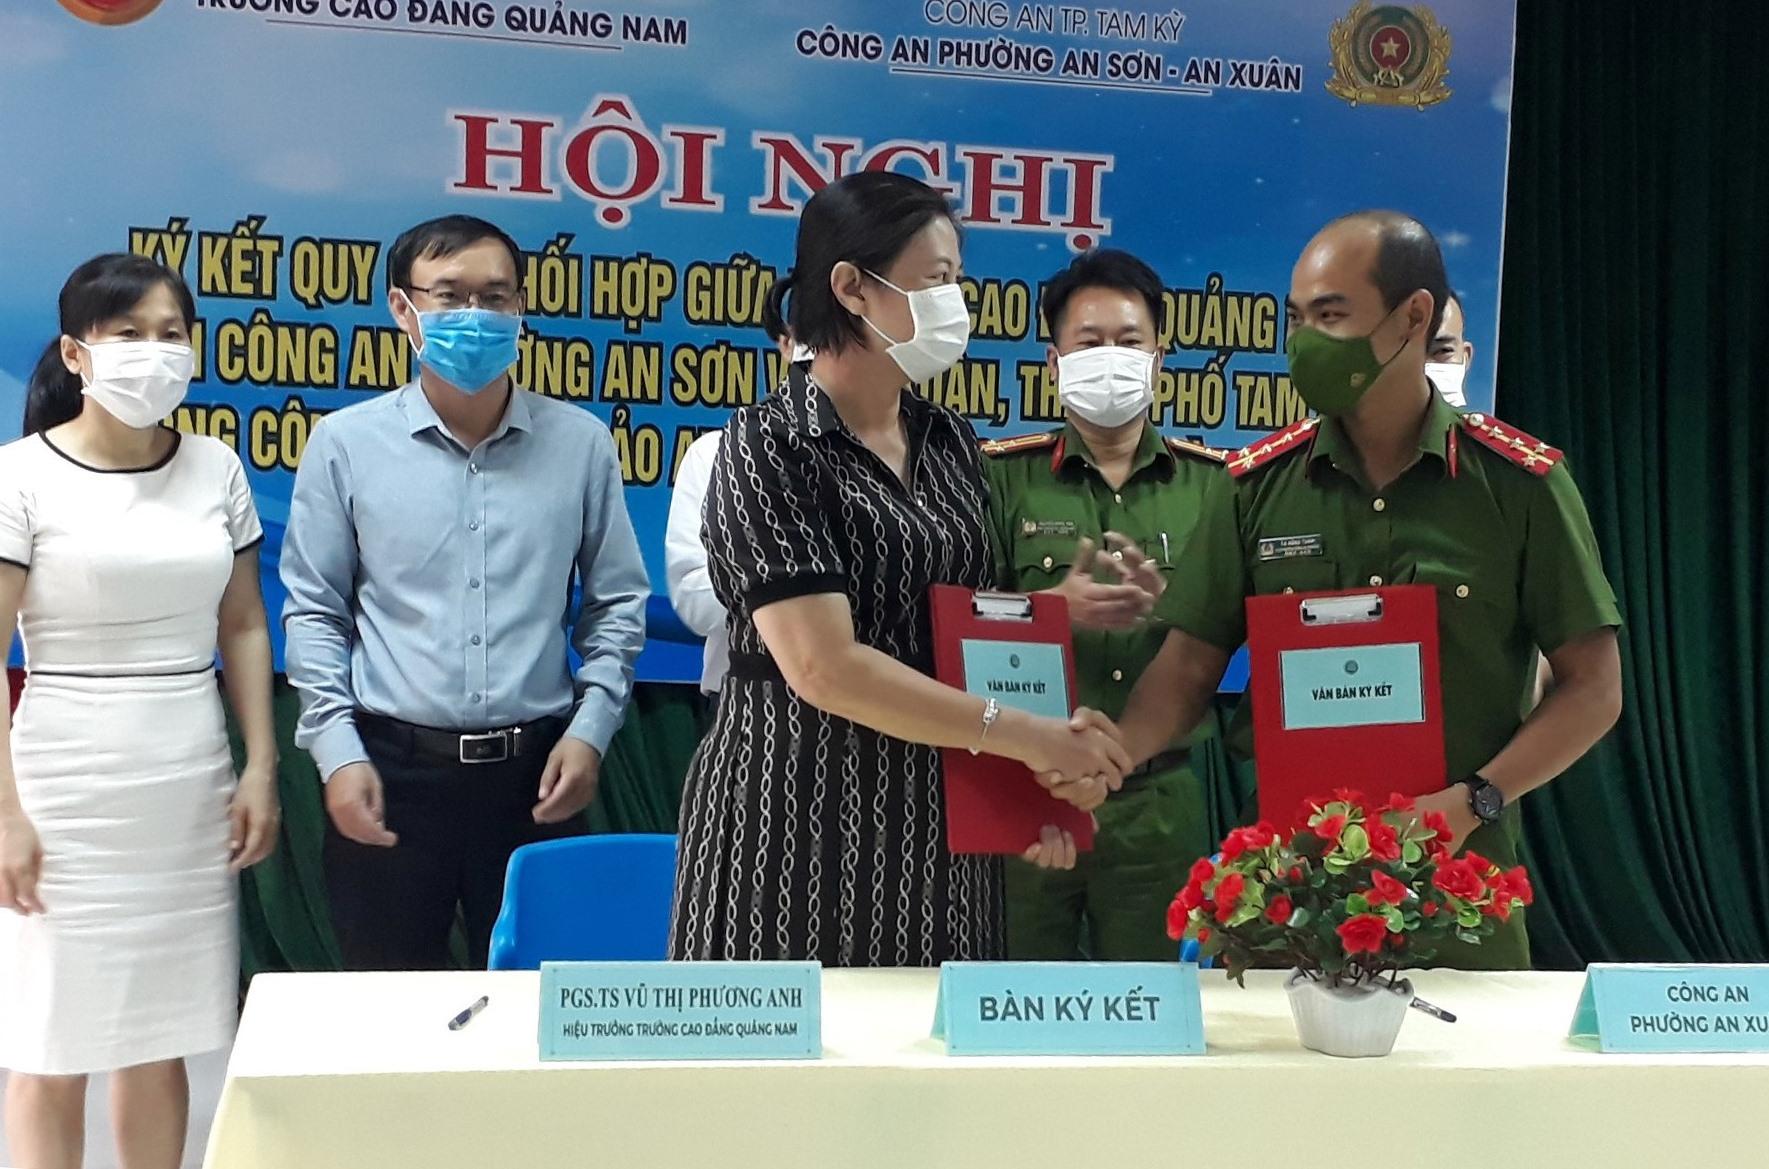 Công an phường An Sơn và An Xuân ký kết quy chế phối hợp đảm bảo an ninh trật tự với Trường Cao đẳng Quảng Nam. Ảnh: A.S